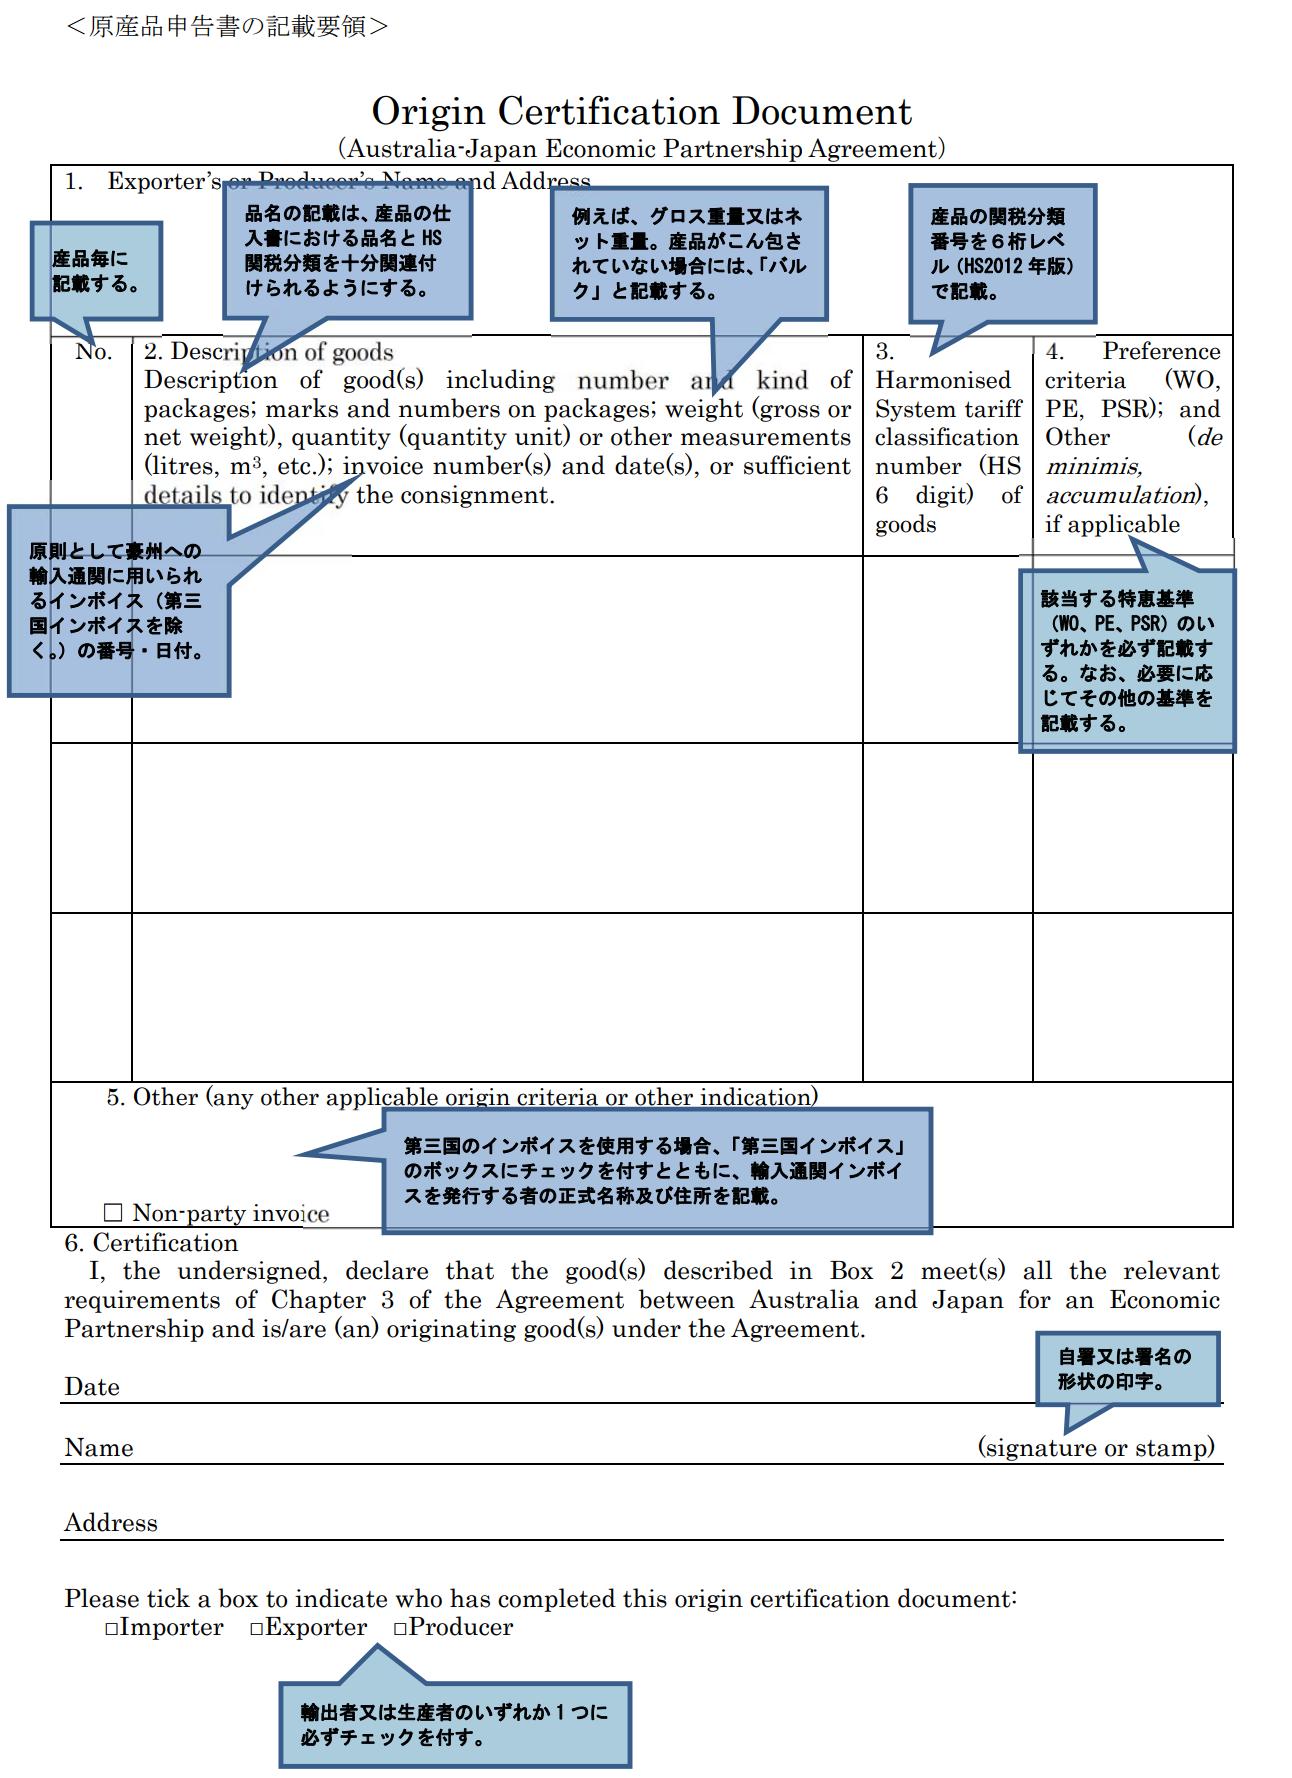 日本 オーストラリア epa 原産地証明書 自己証明 サンプル